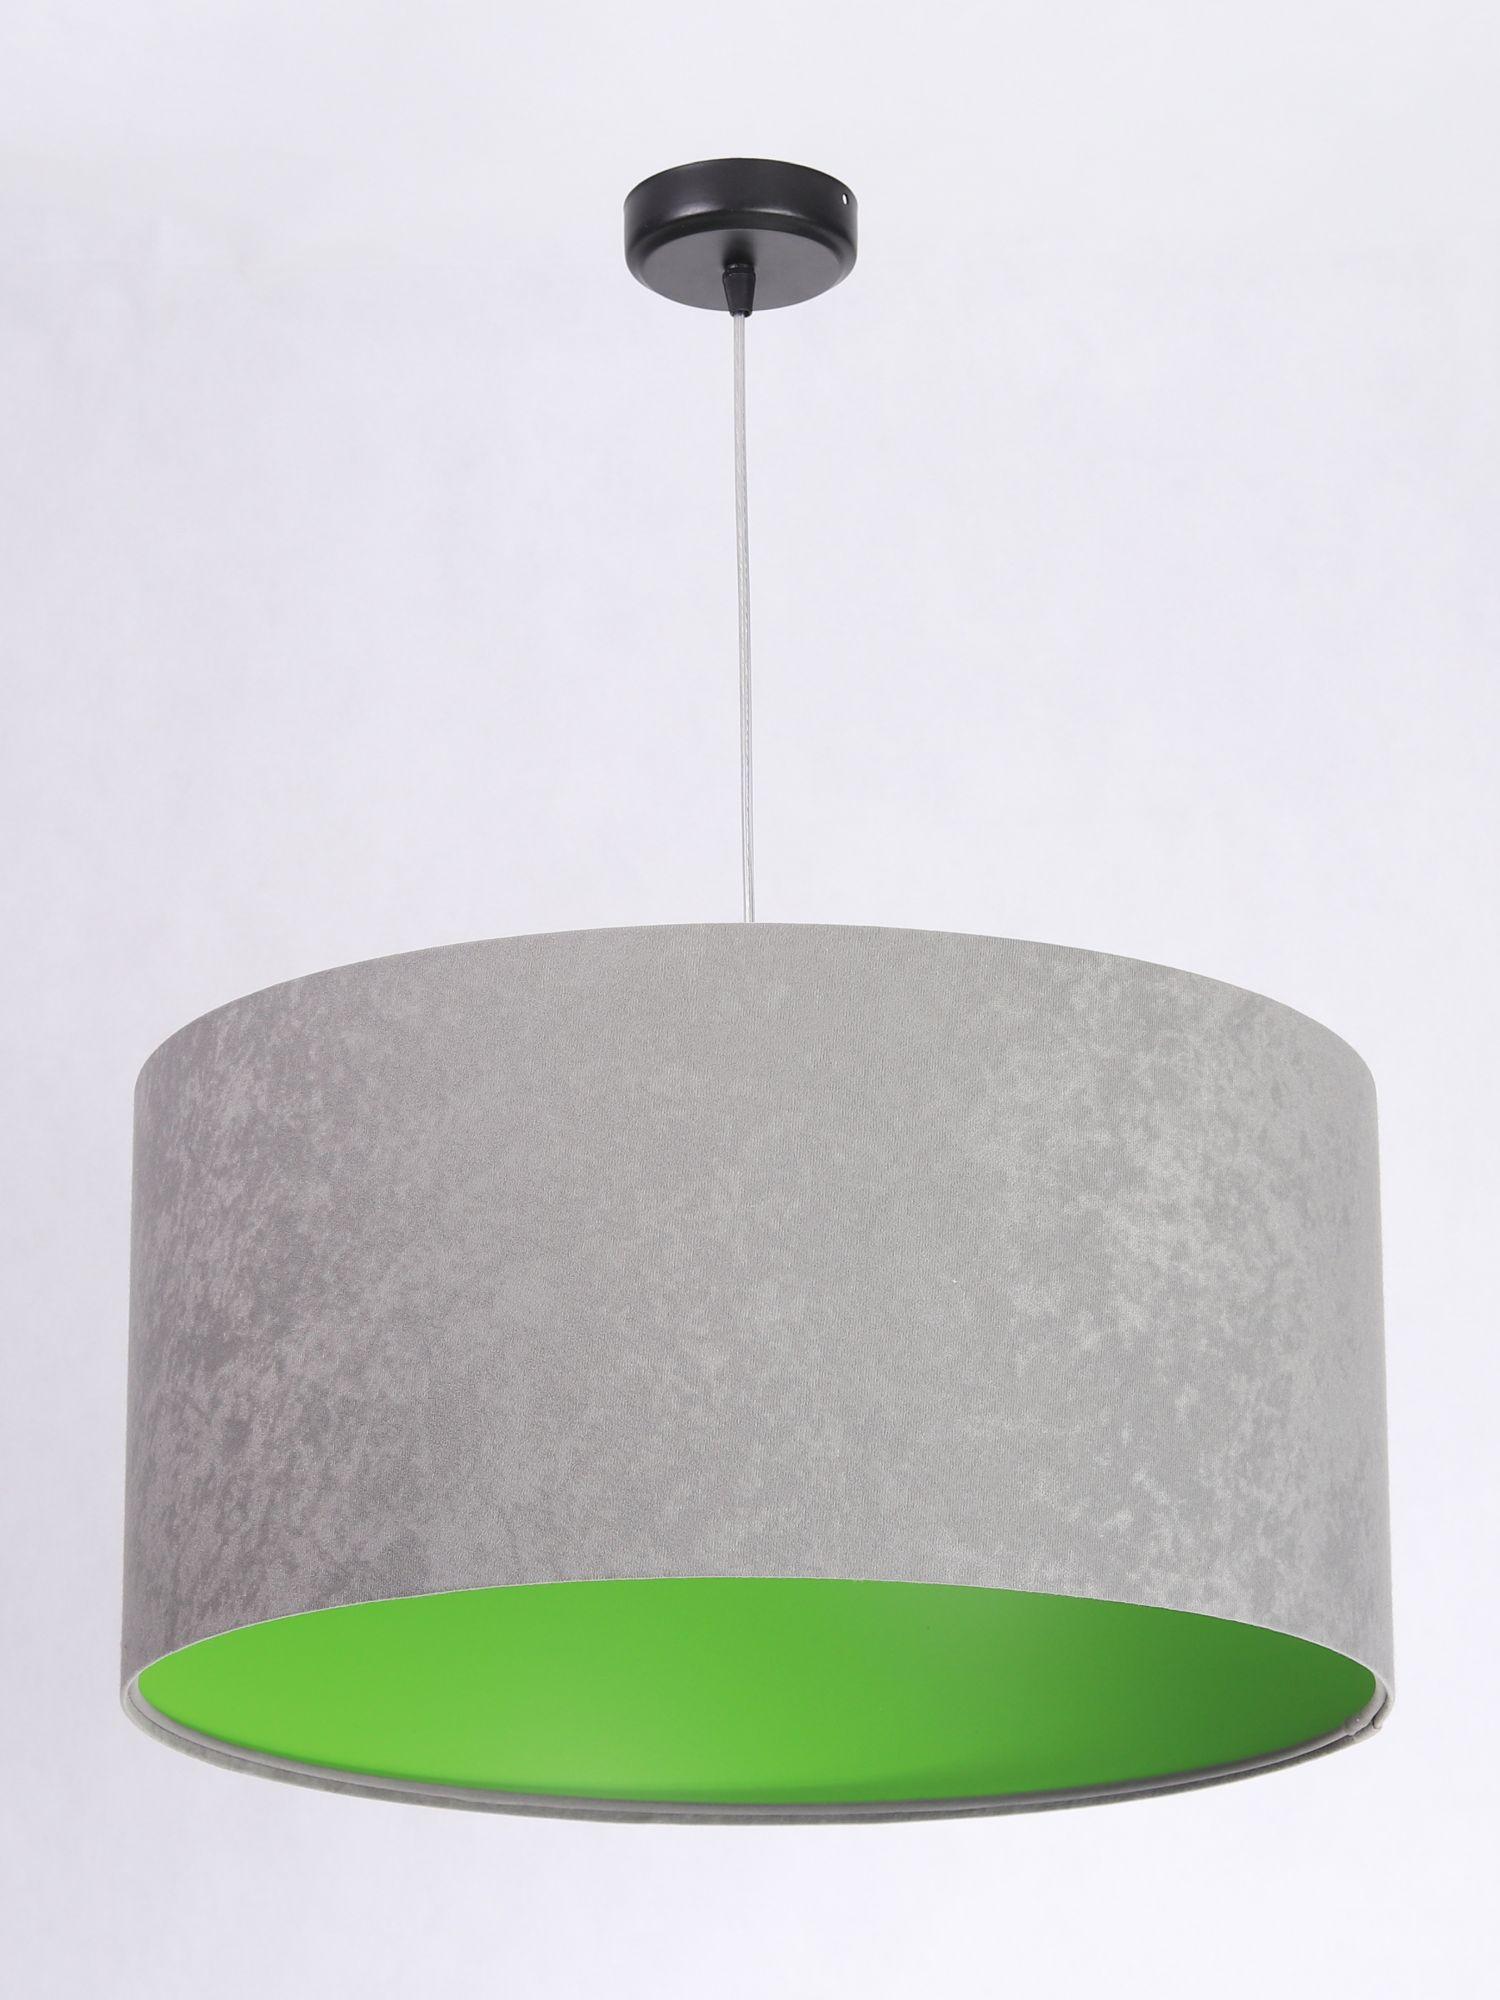 Hängeleuchte Retro Grau Grün Stoff rund Esszimmer